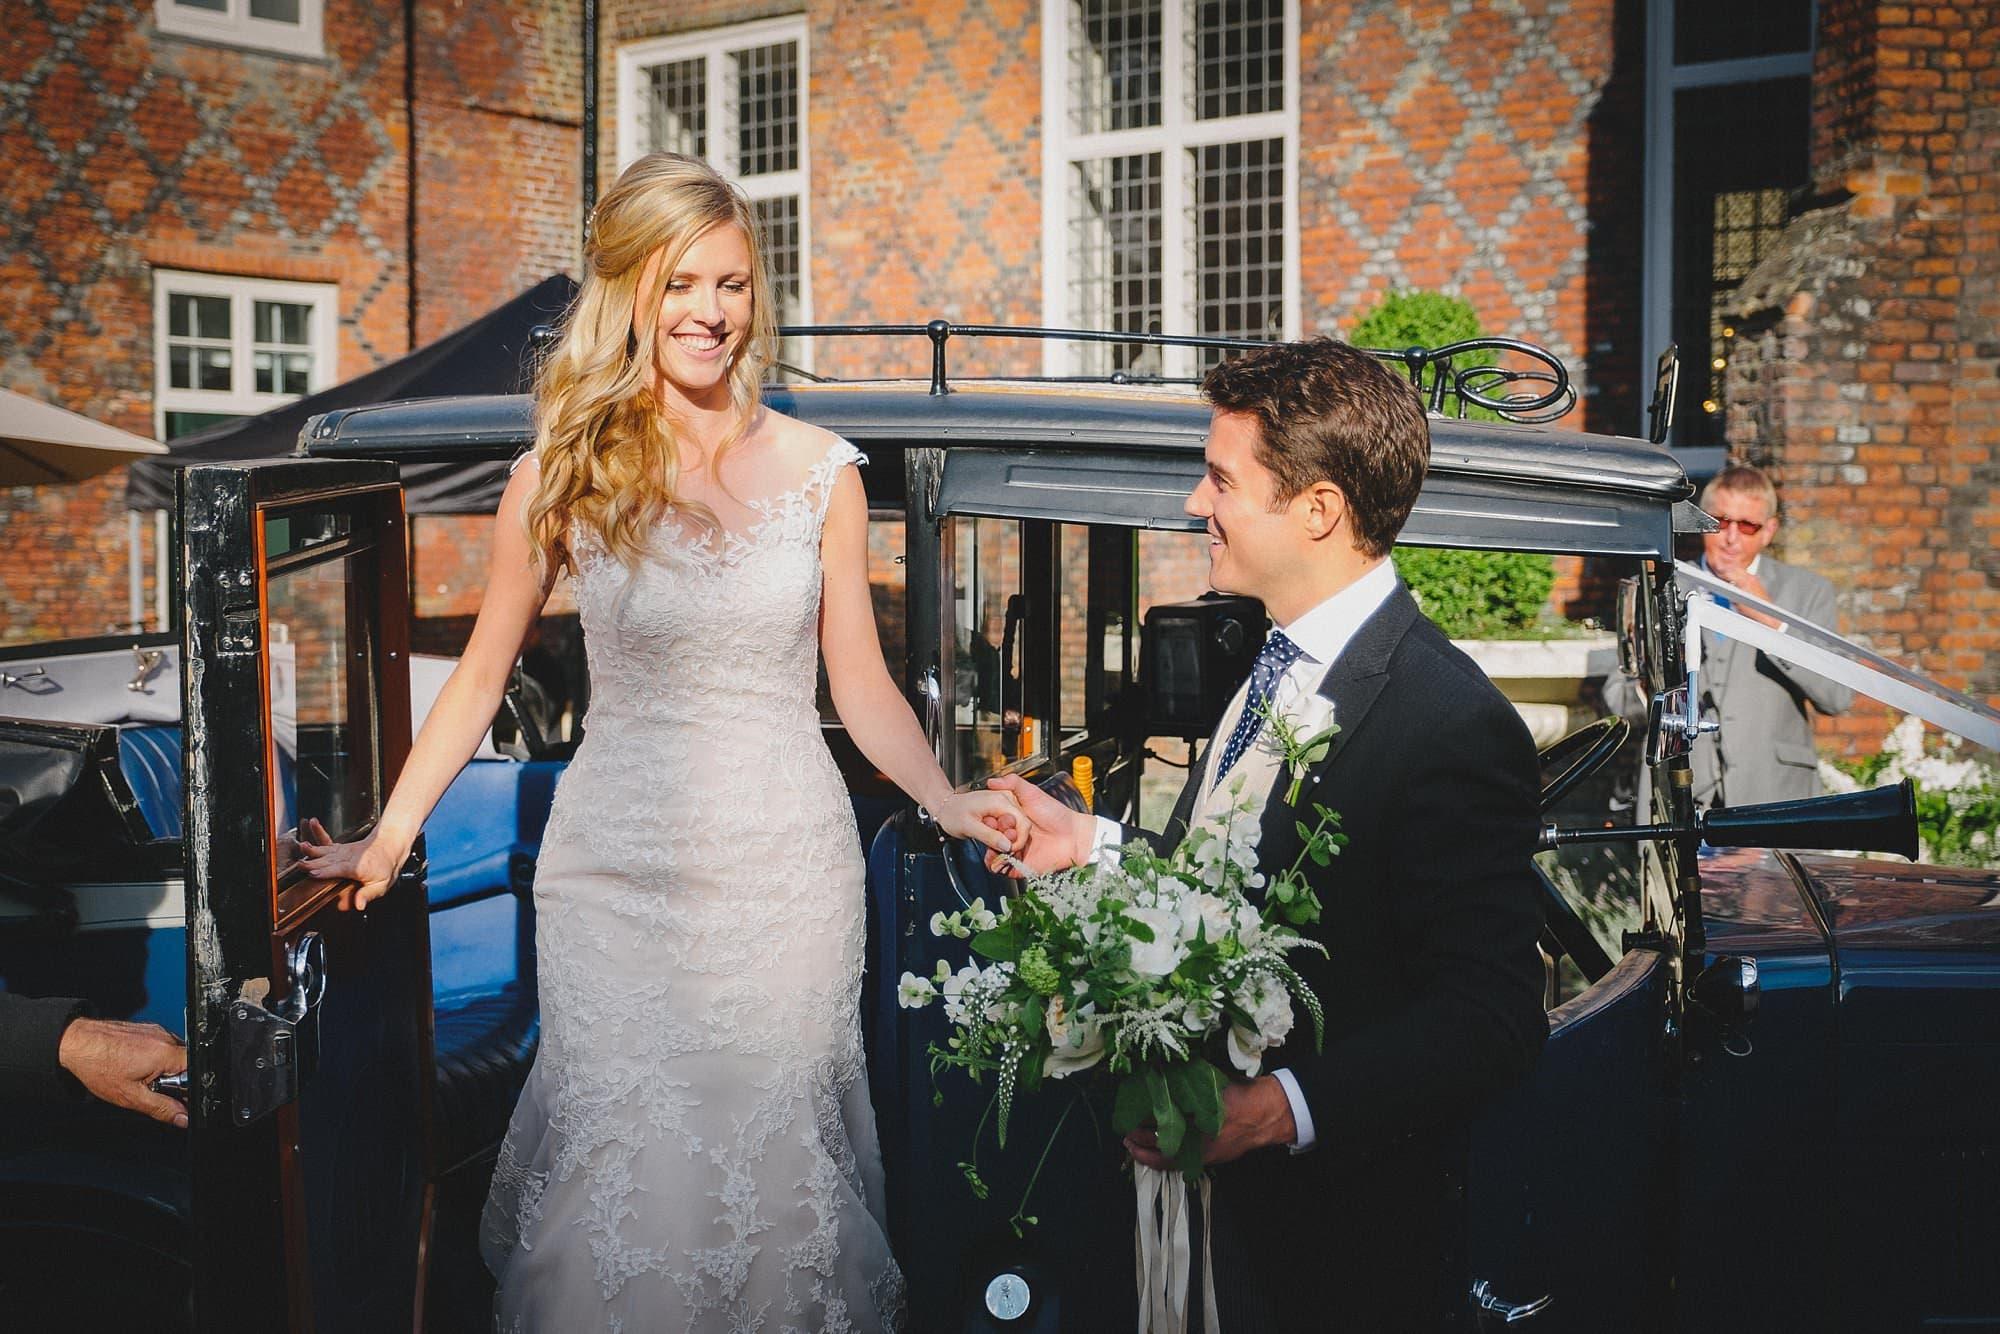 fulham palace wedding photographer 053 - Rosanna & Duncan's Fulham Palace Wedding